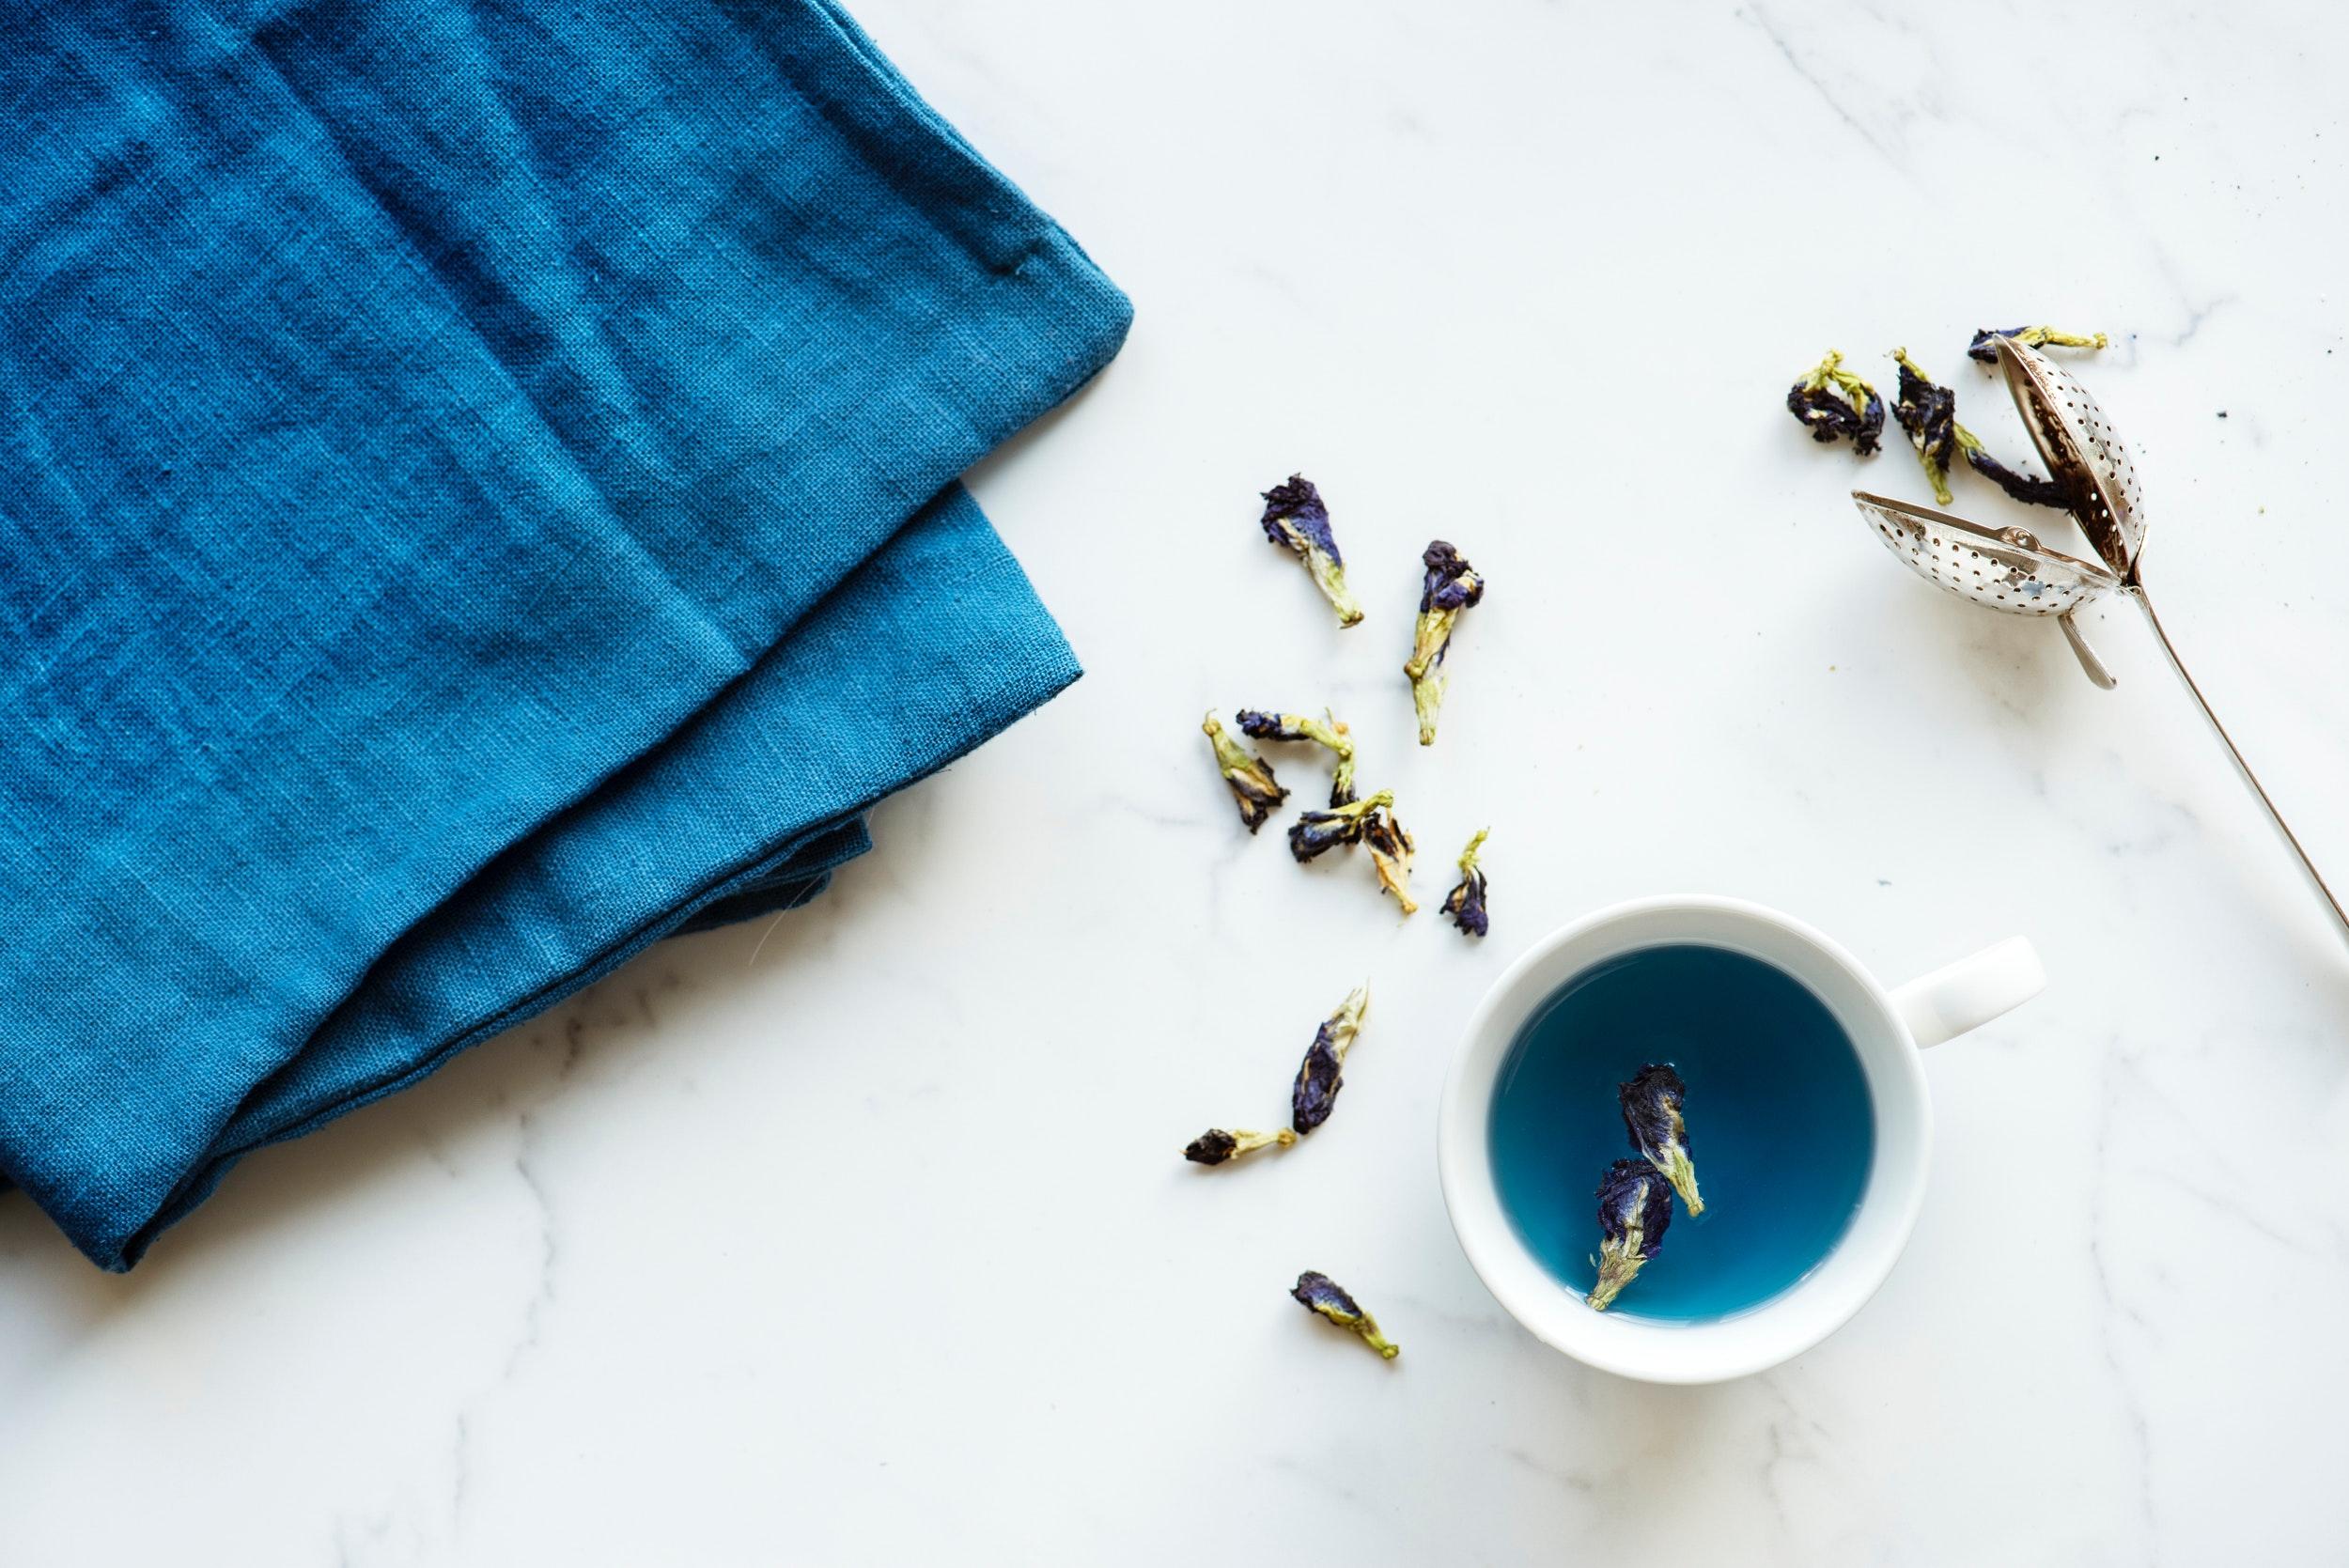 ▲ 花草茶不僅香氣宜人,能讓身心放鬆、舒緩壓力,還具有各種保健功效,常被女生當作日常保養的飲品。